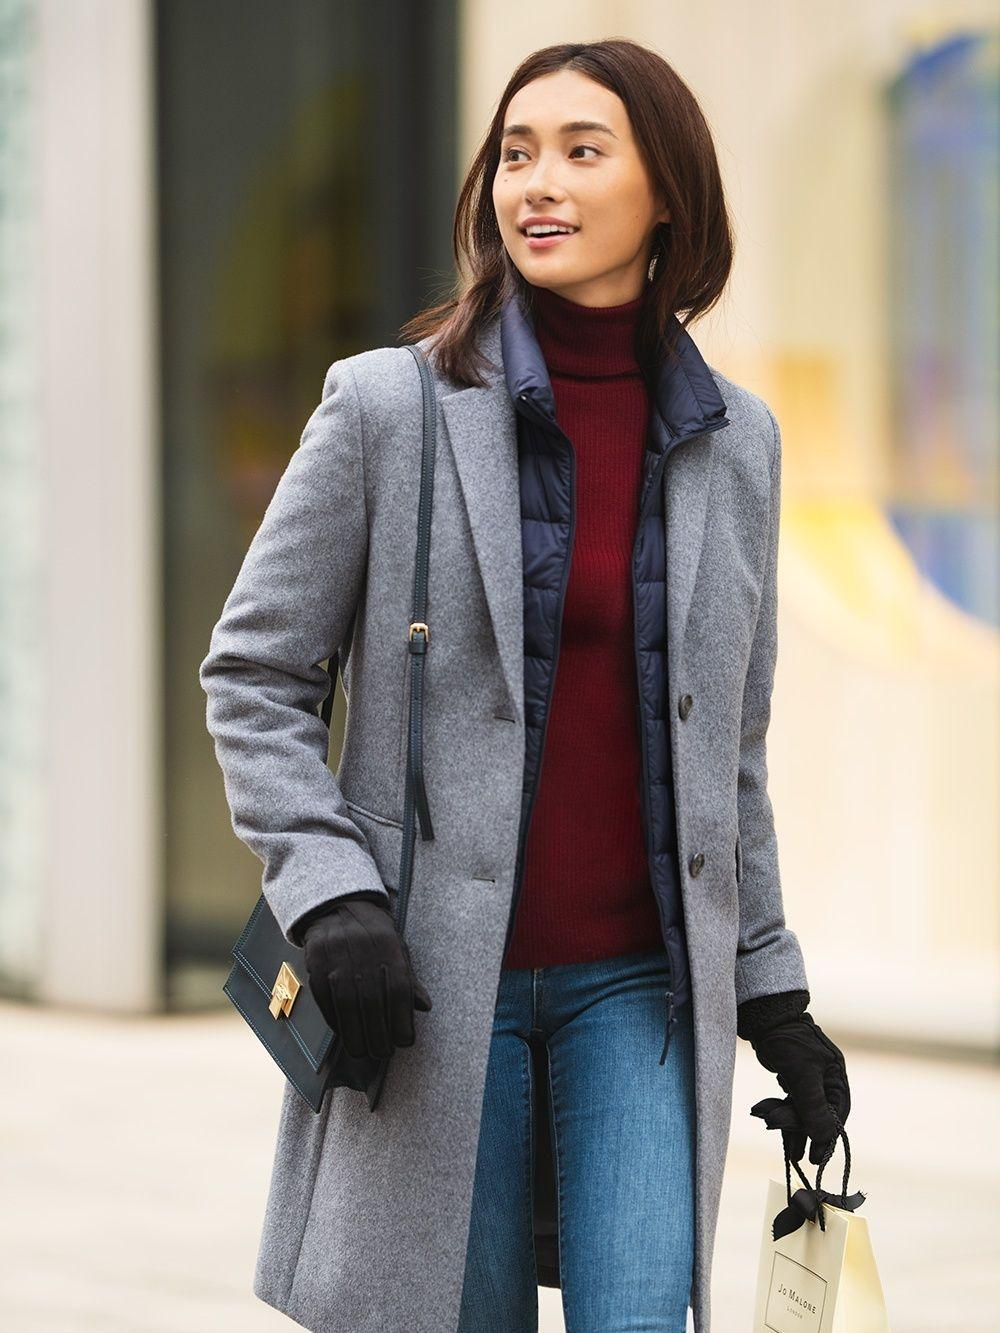 24 προτάσεις για να φορέσετε το παλτό σας - Το βελούδινο είναι η απόλυτη τάση